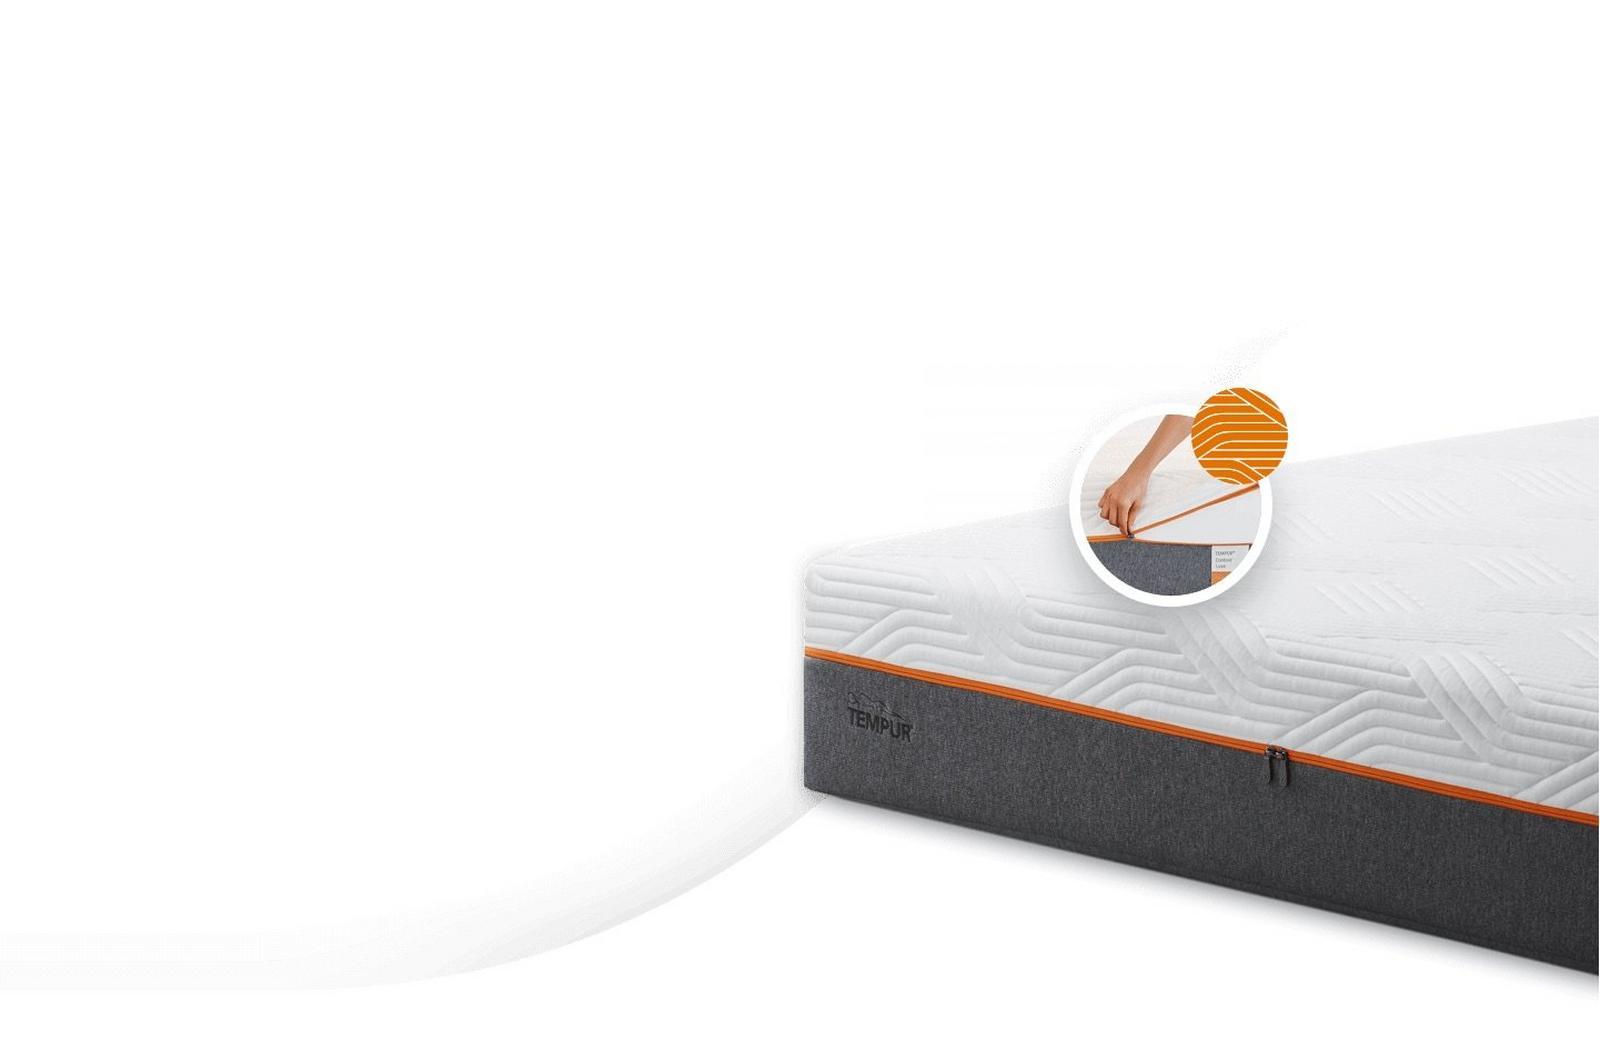 Afholte TEMPUR® Matratzen, Kissen und Betten - Matratze online kaufen SA-26